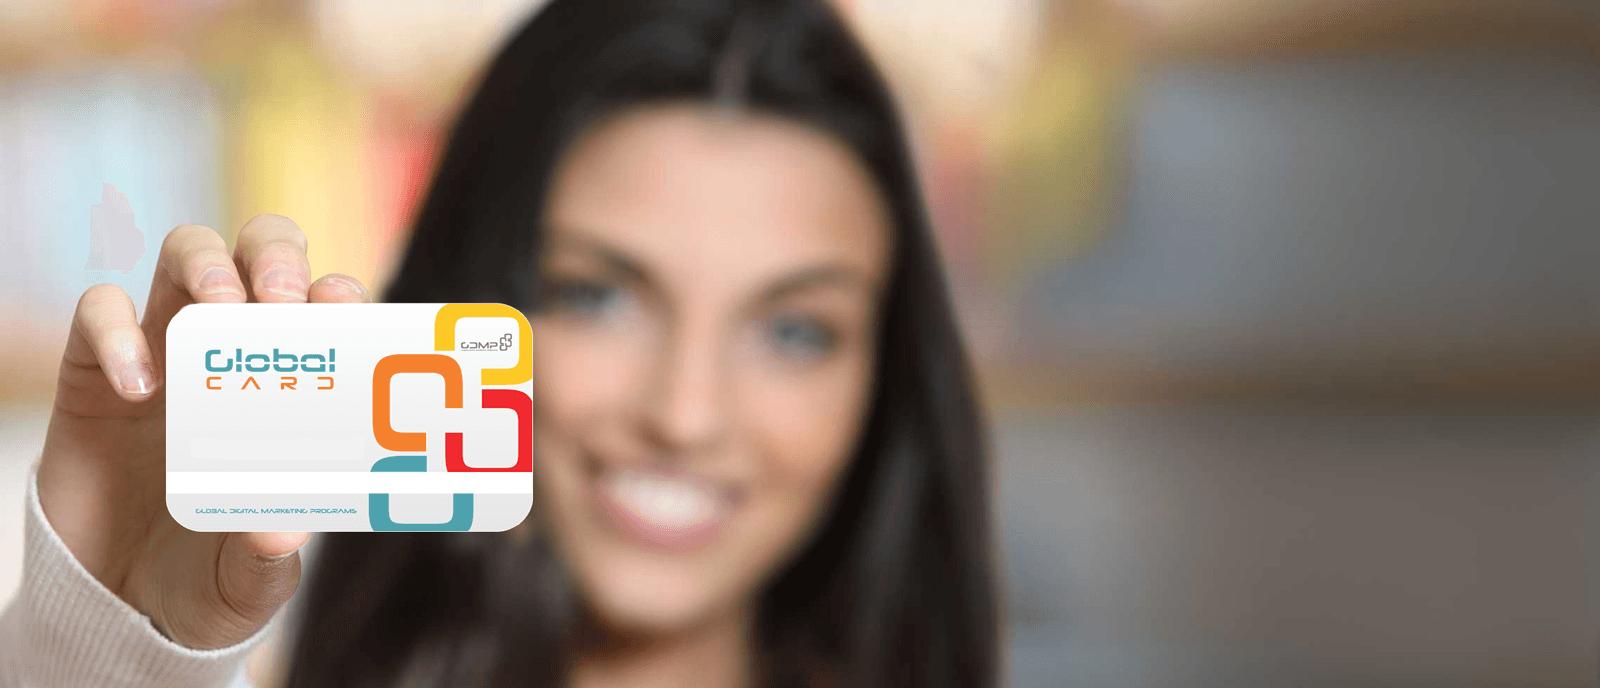 Više od 2 miliona korisnika raznih kartica lojalnosti u Srbiji